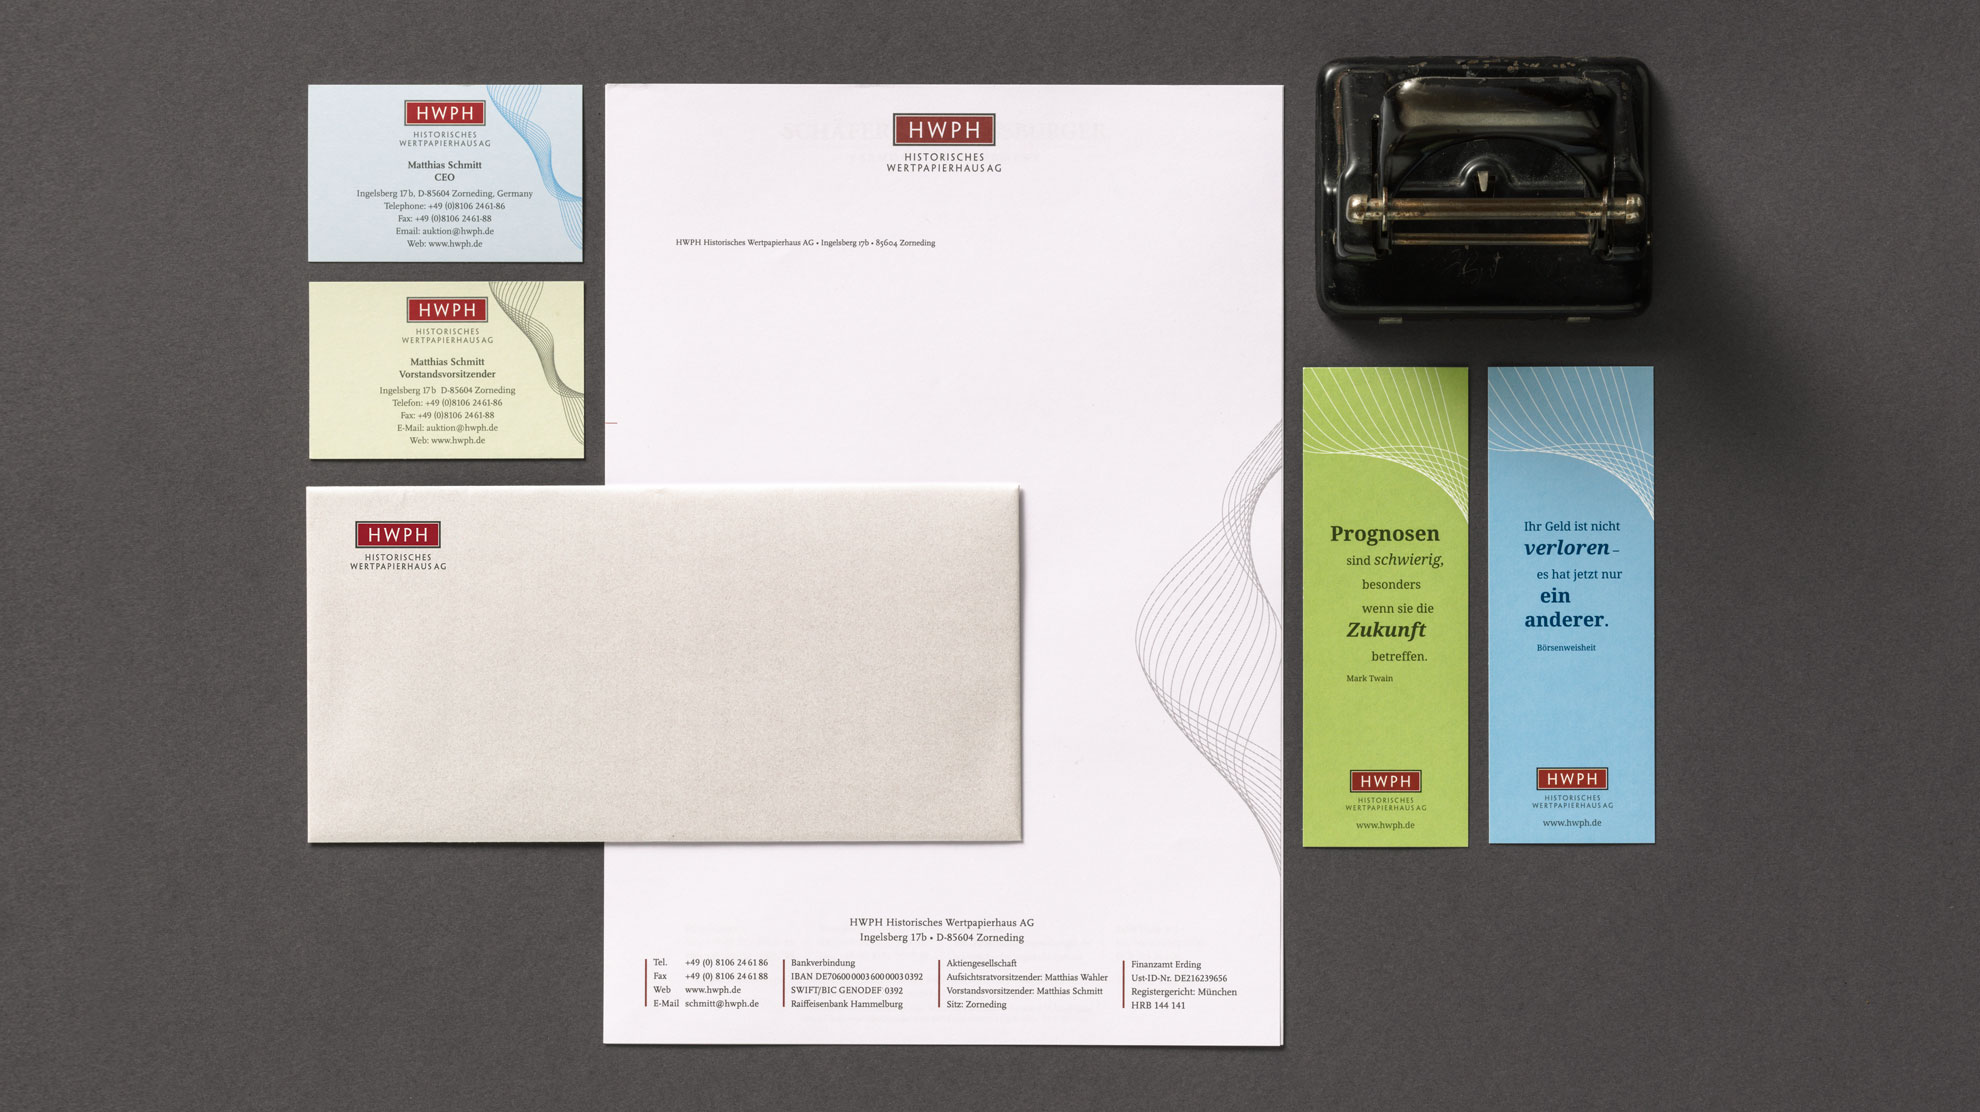 punktneun-HWPH-Corporate-Design